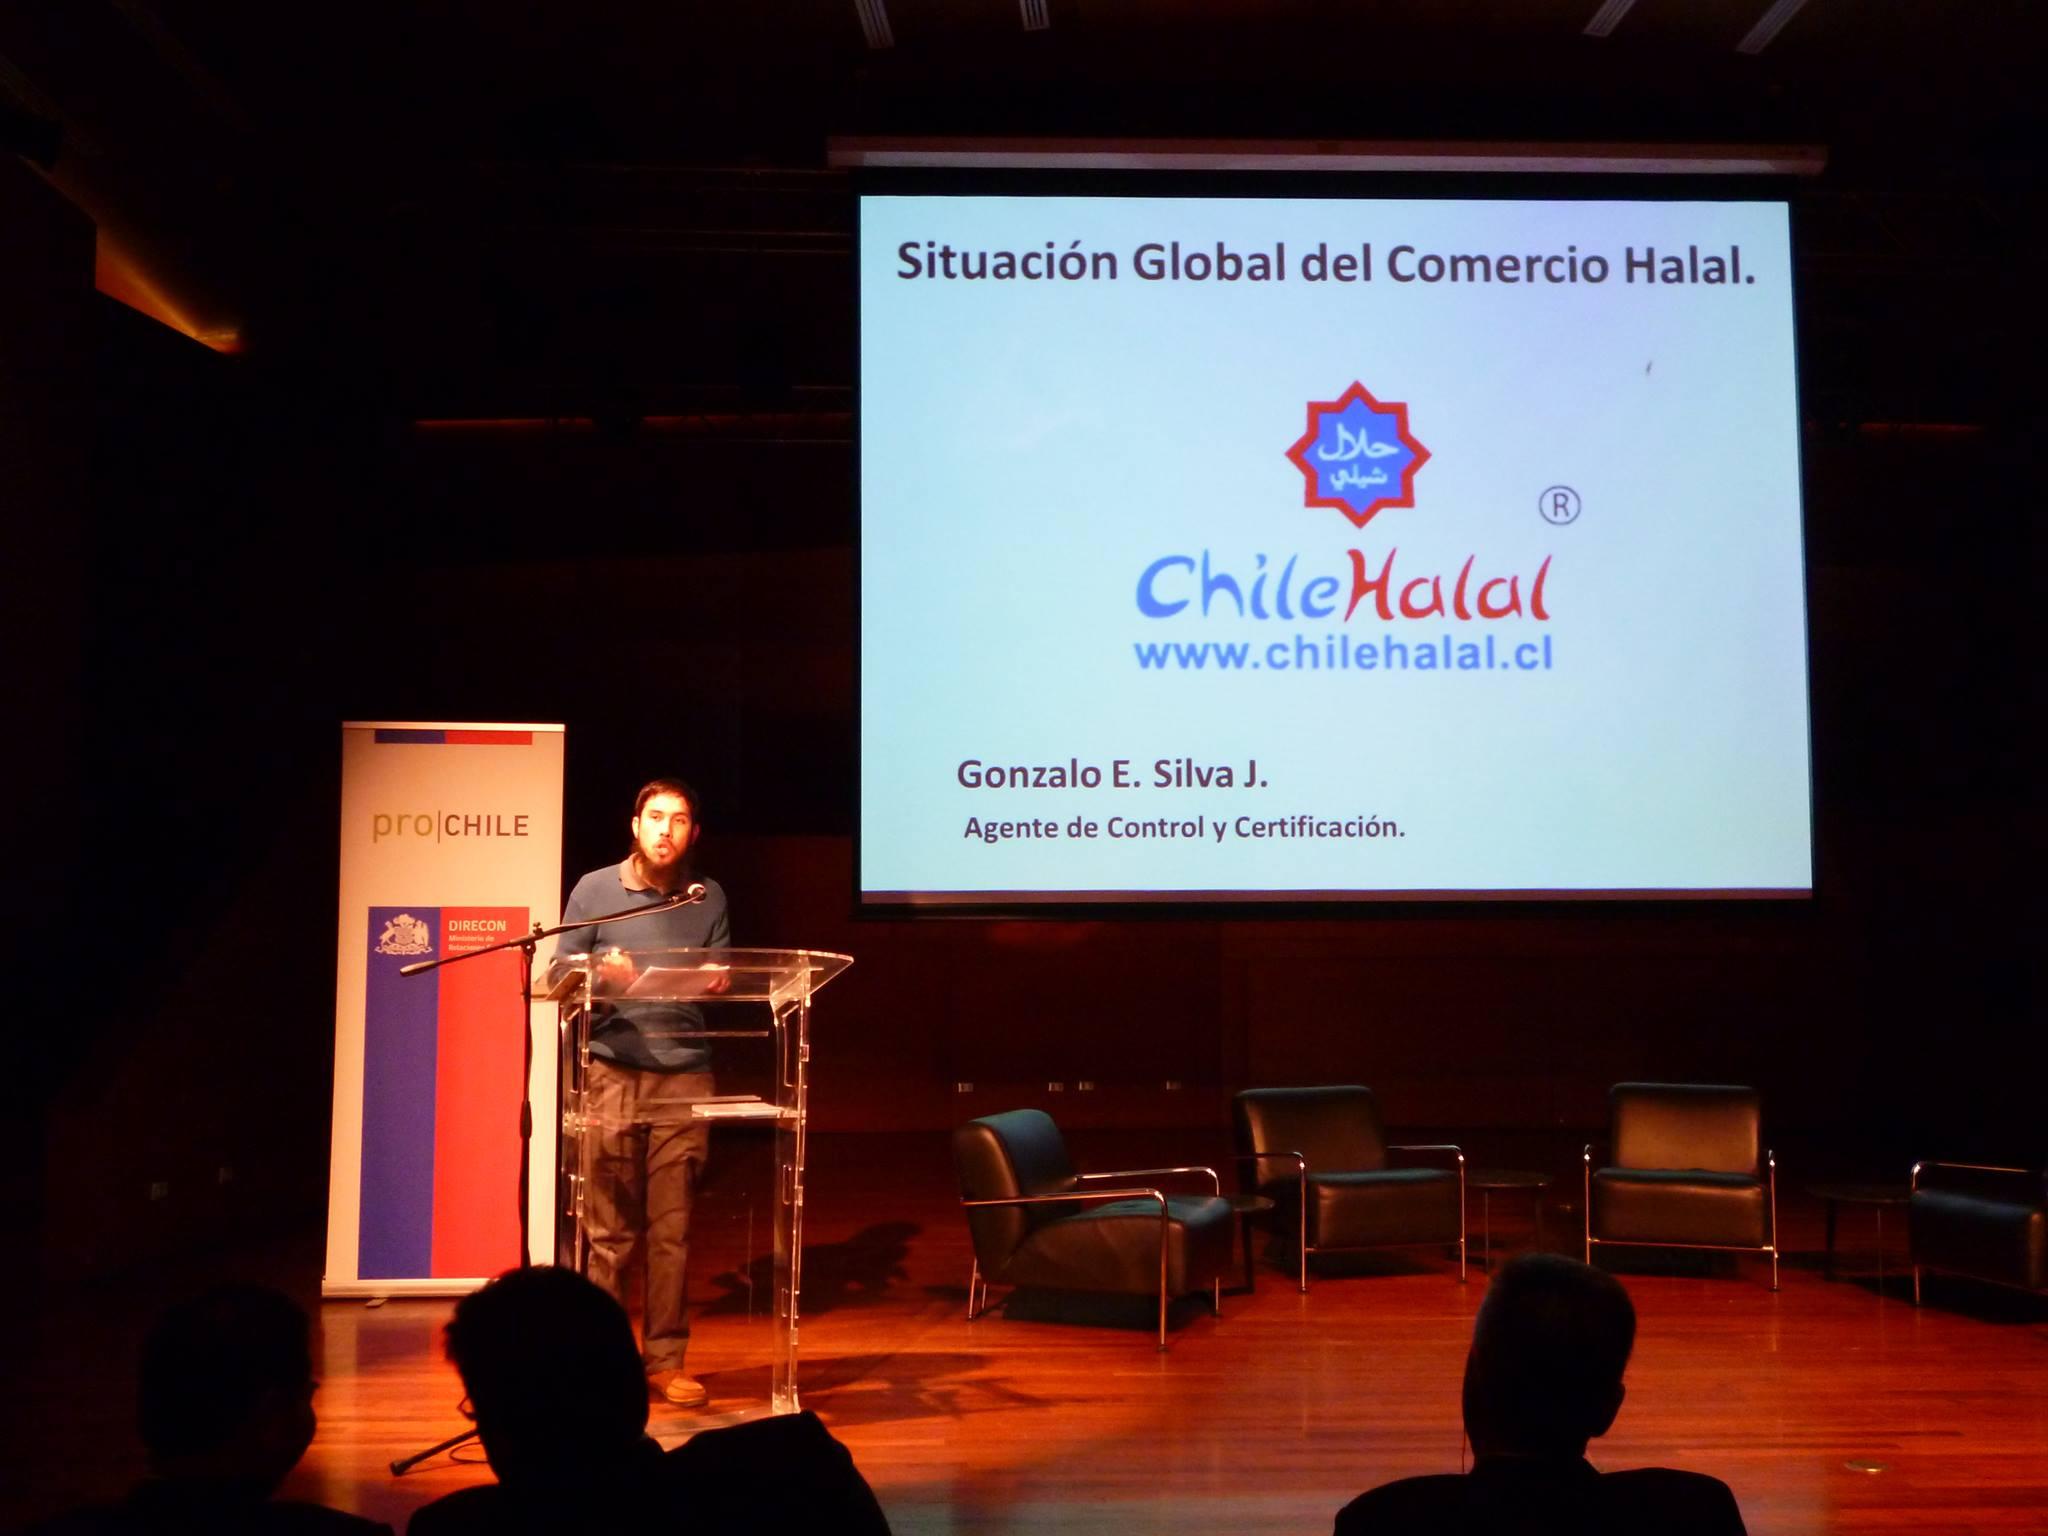 Seminario halal en Santiago de Chile 4 de septiembre 2014